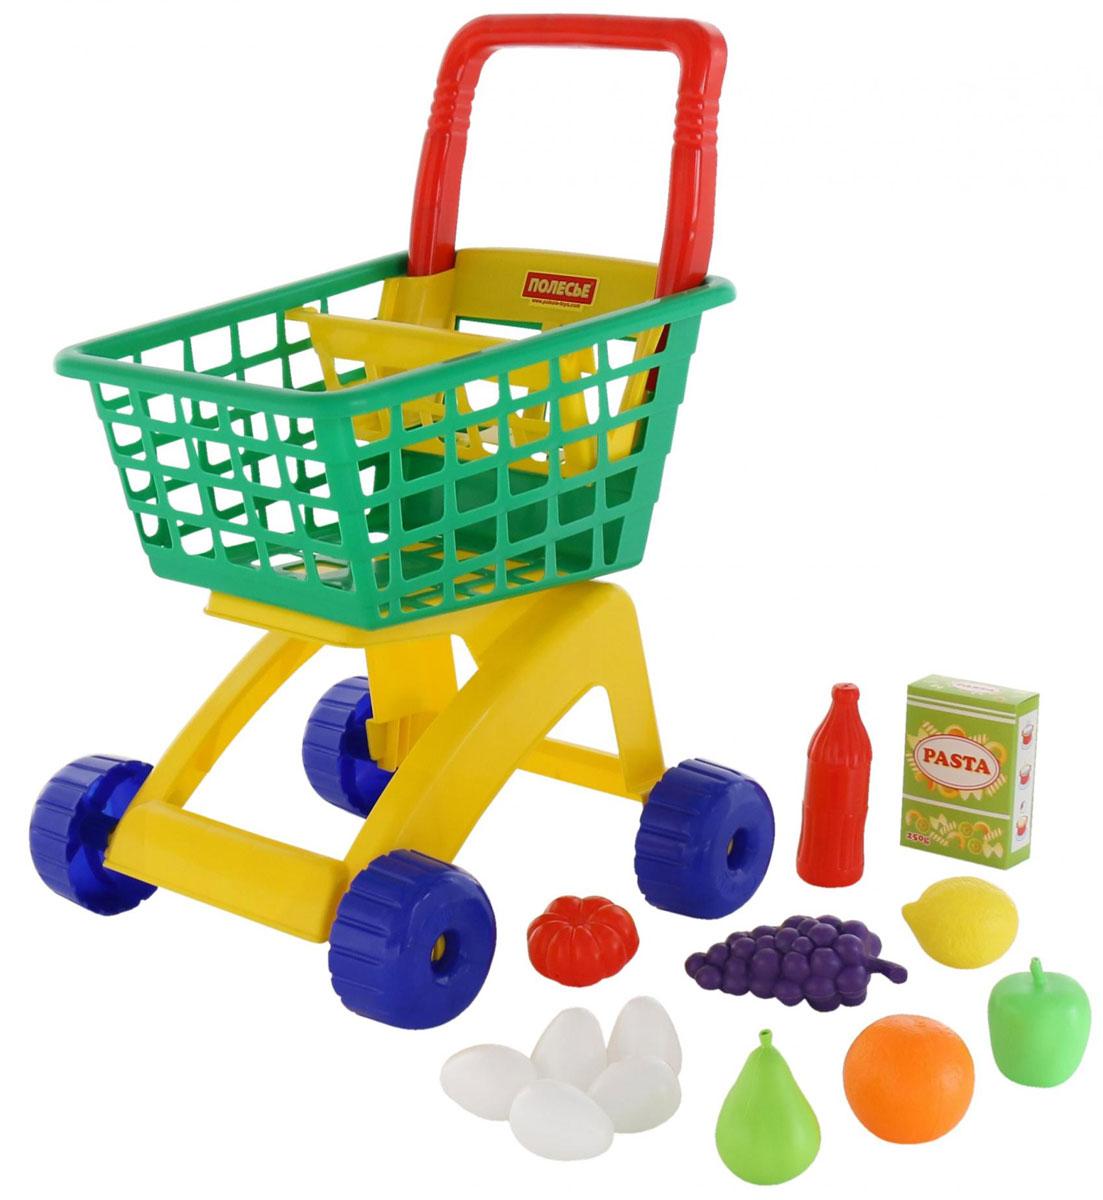 Полесье Игрушечная тележка для магазина с набором продуктов №8 цвет тележки зеленый